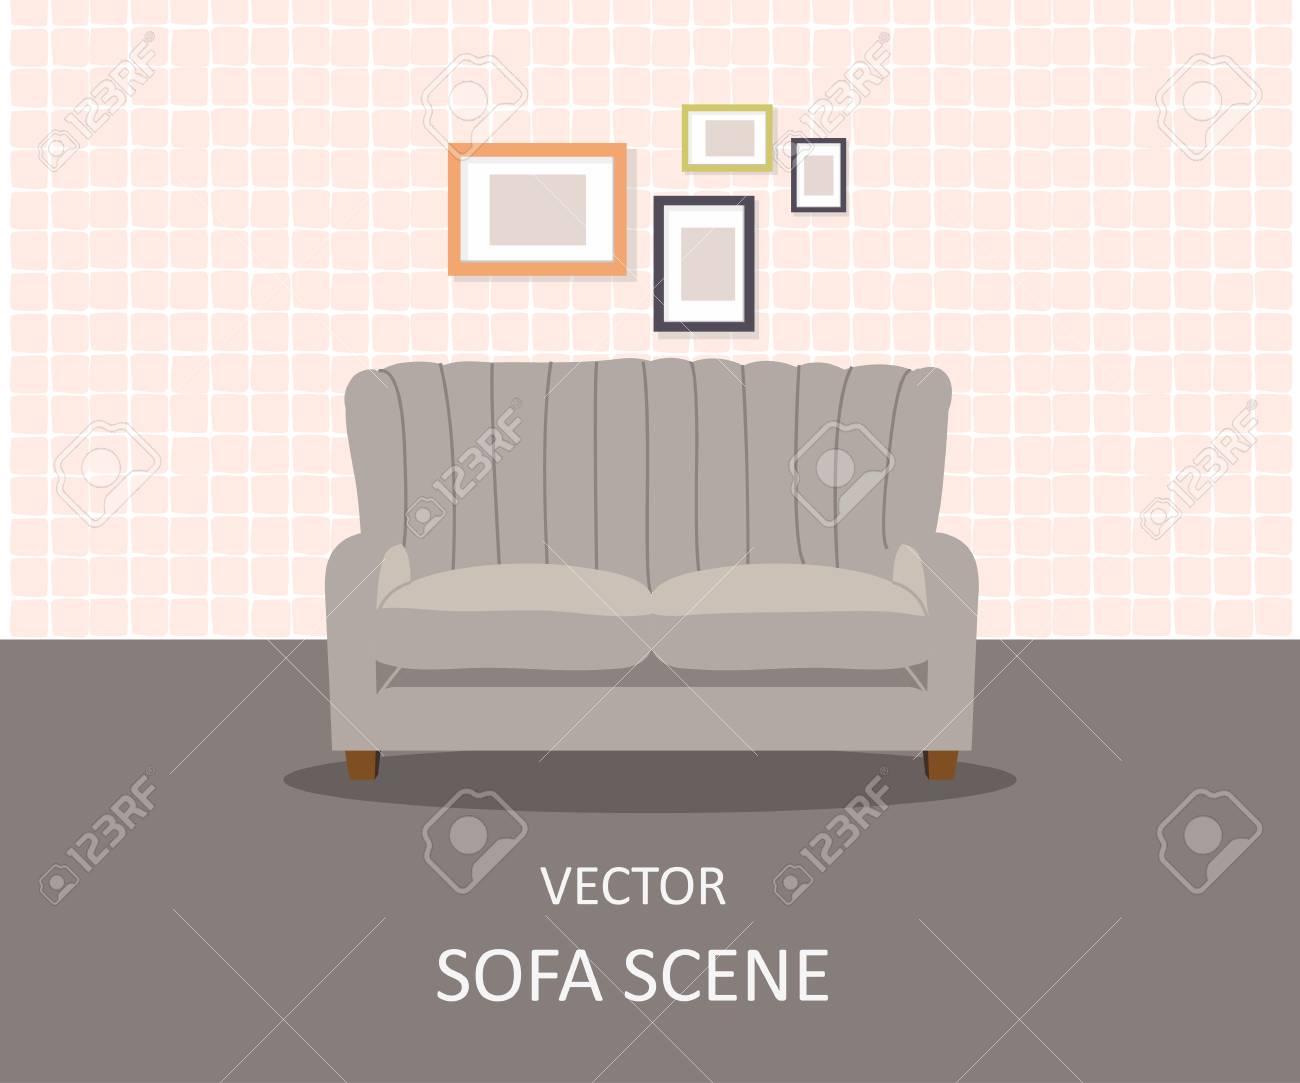 Home Interior. Interior Design Of A Living Room For Web Site, Print ...